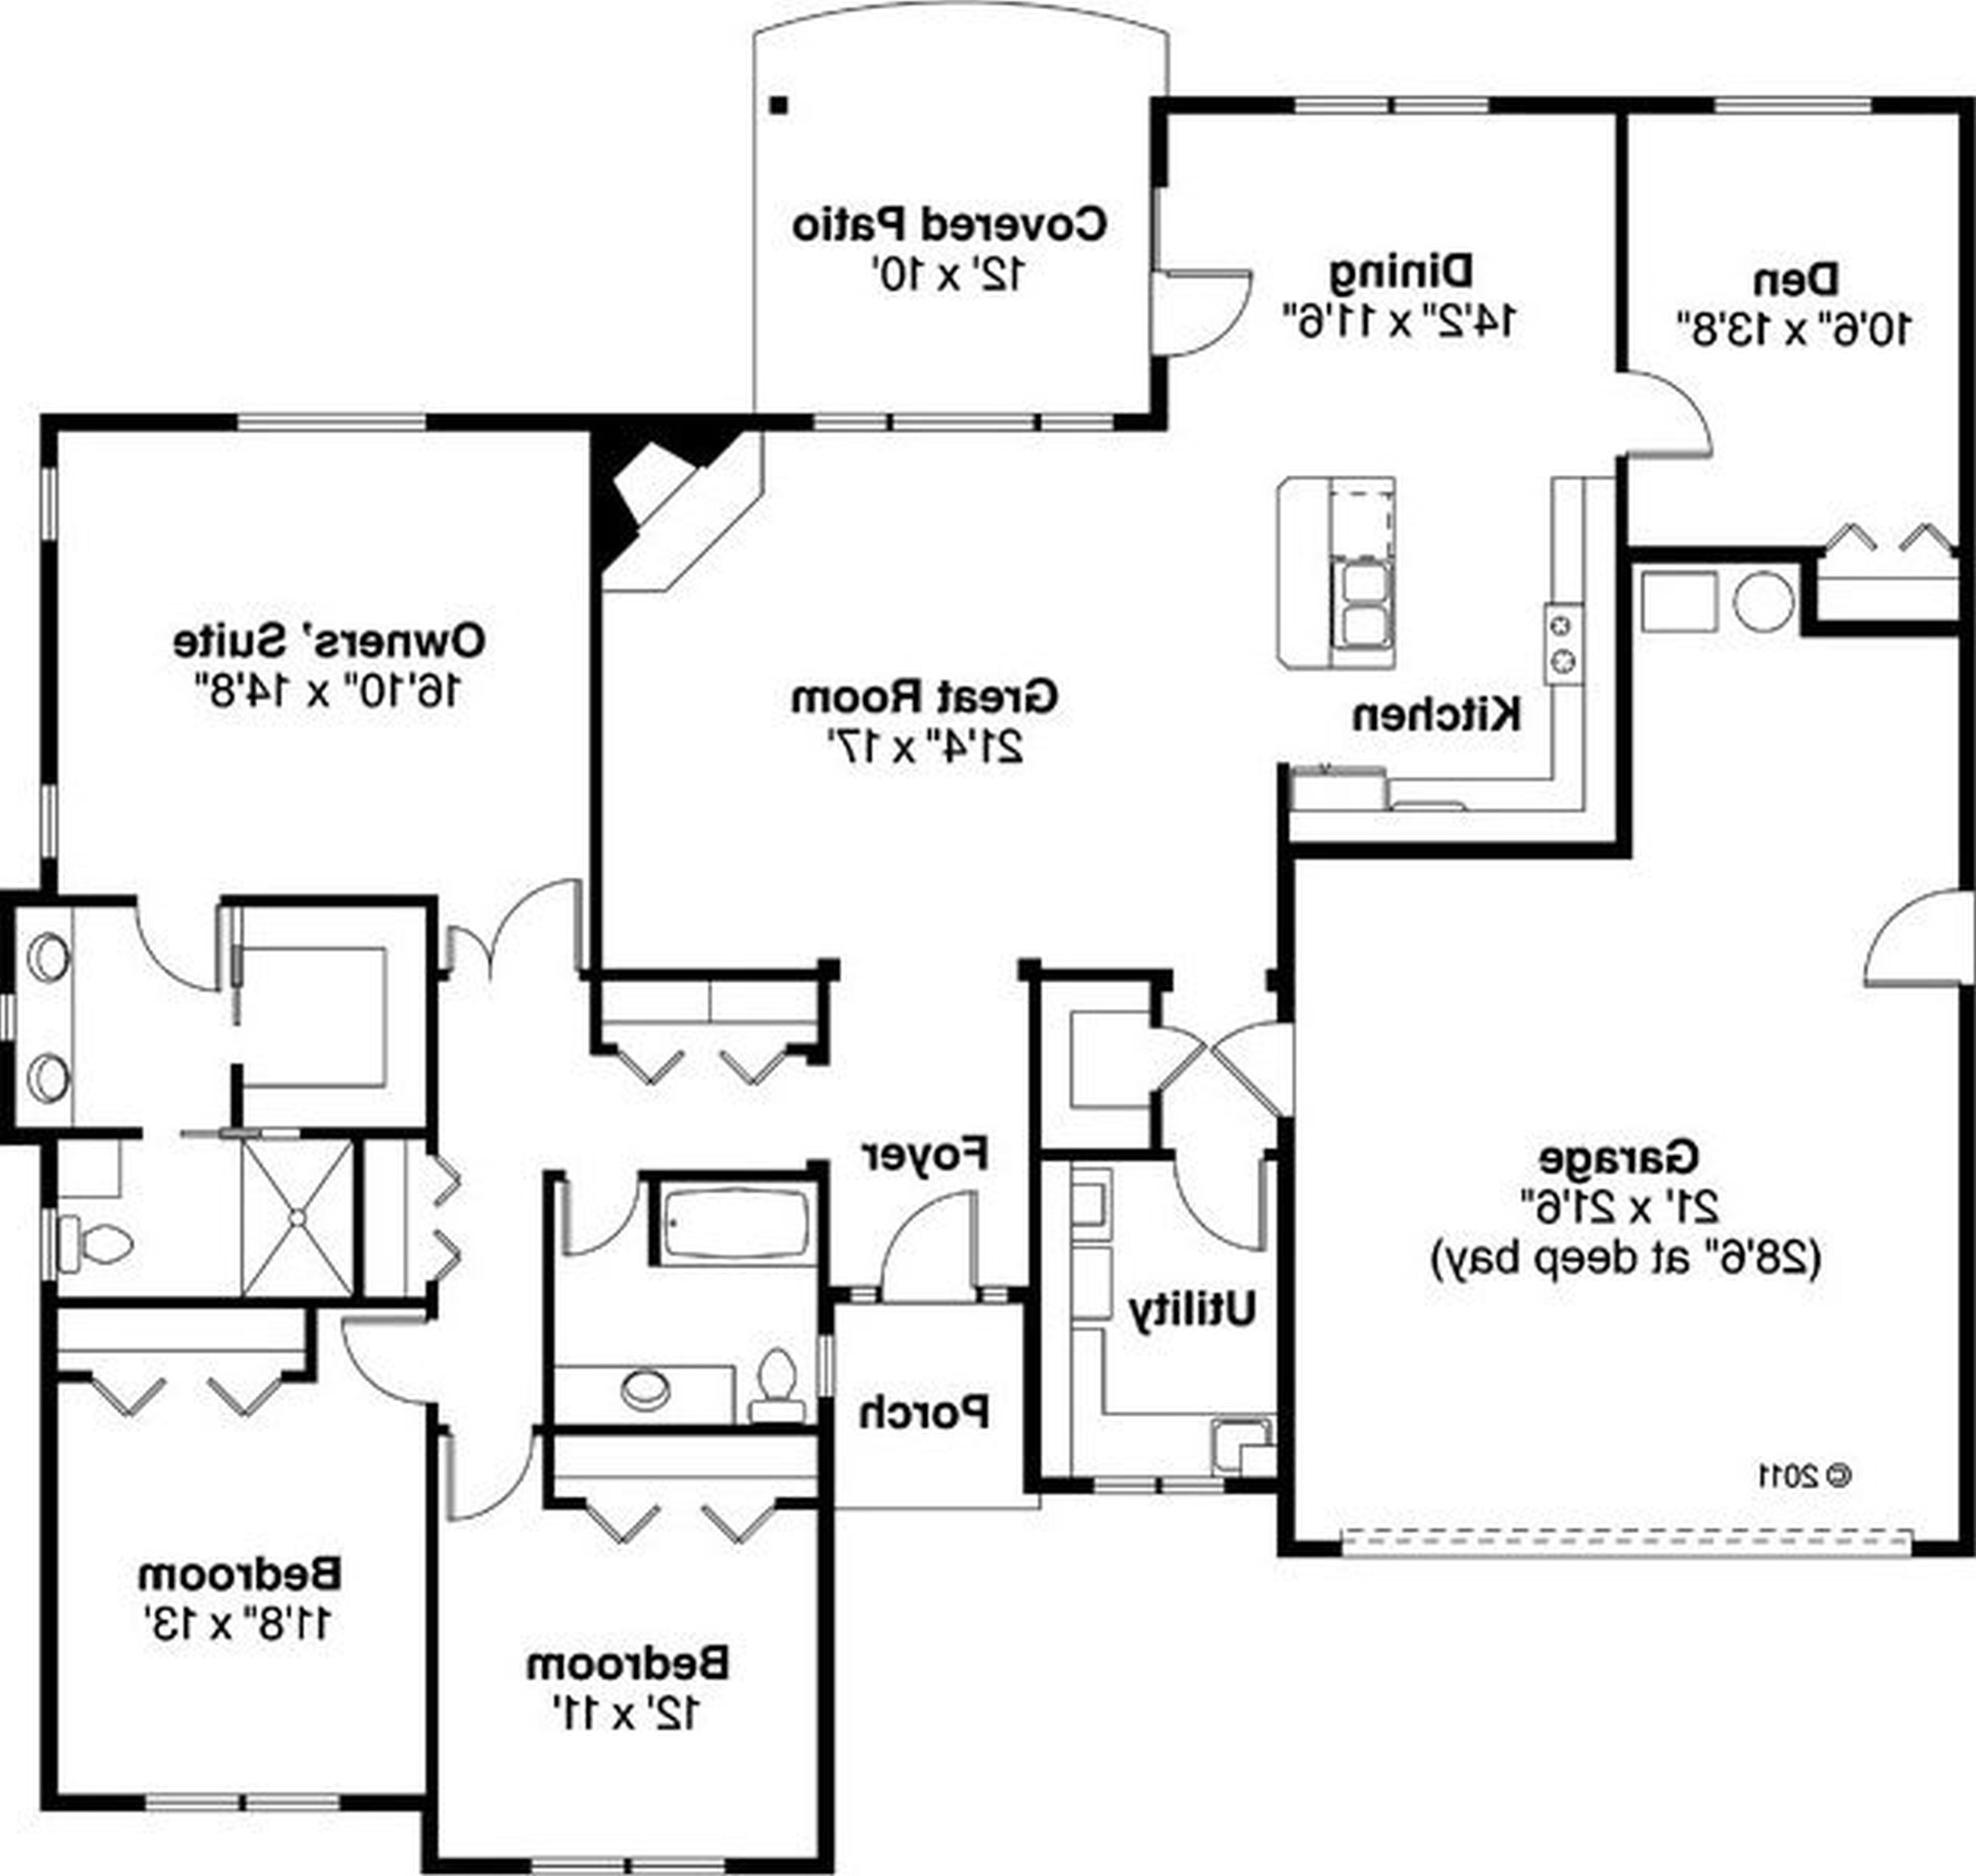 Home Decor Shop Design Ideas: Home Decor Store Help Design Living Room Ideas And Designs